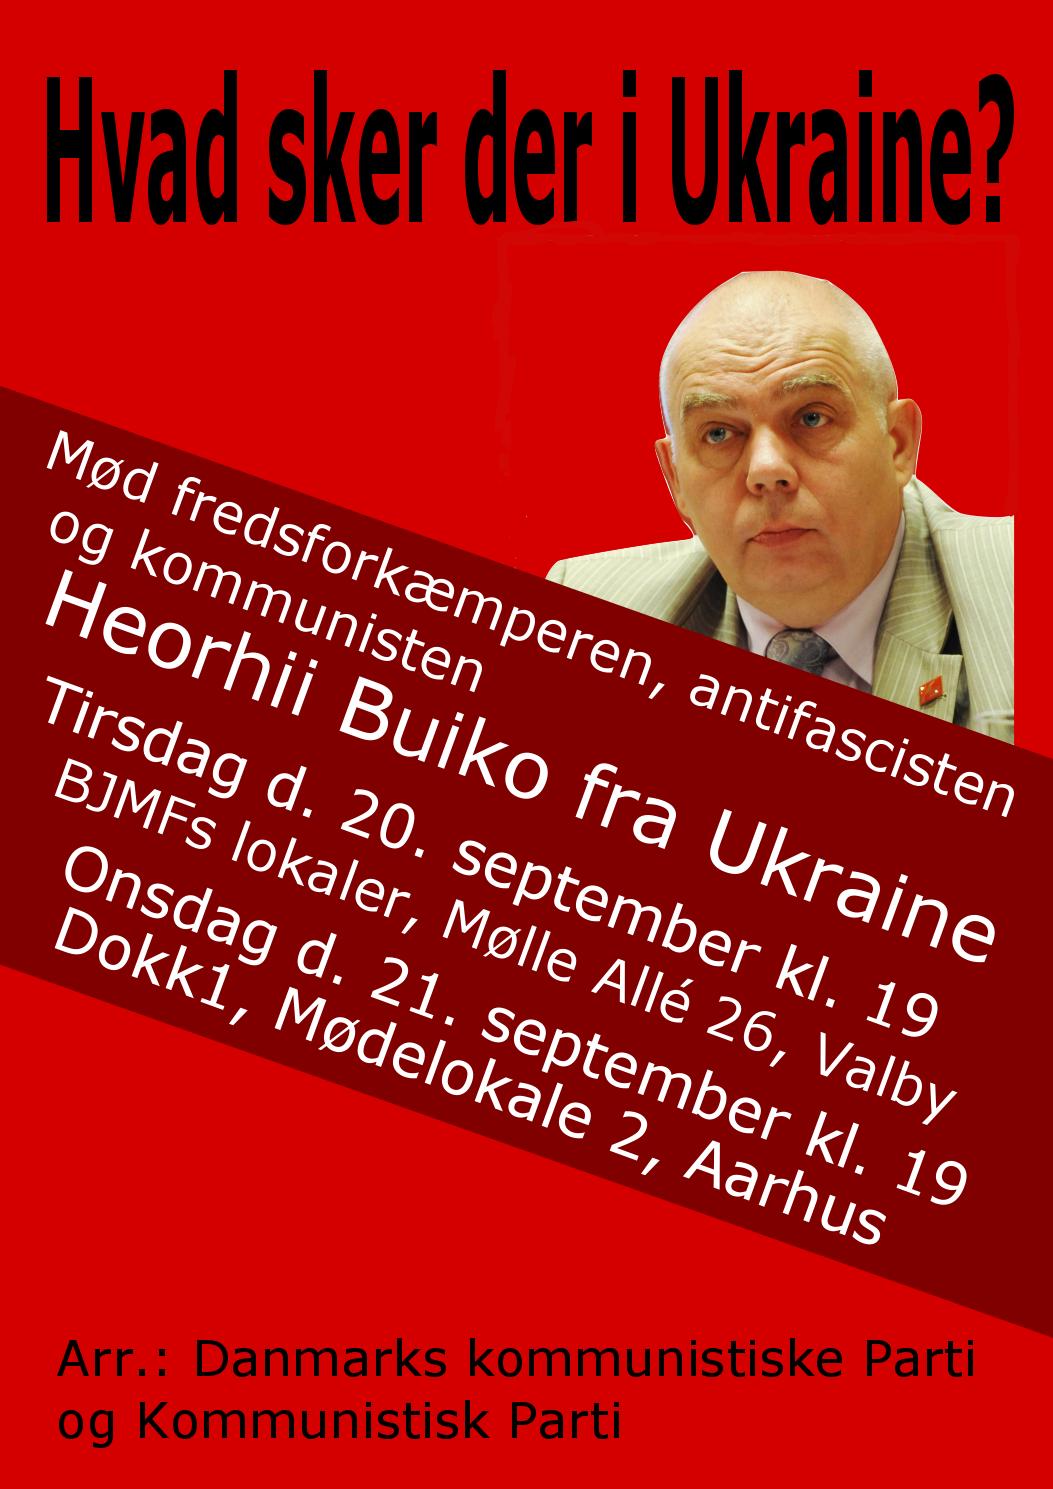 buiko-dkp-nyt